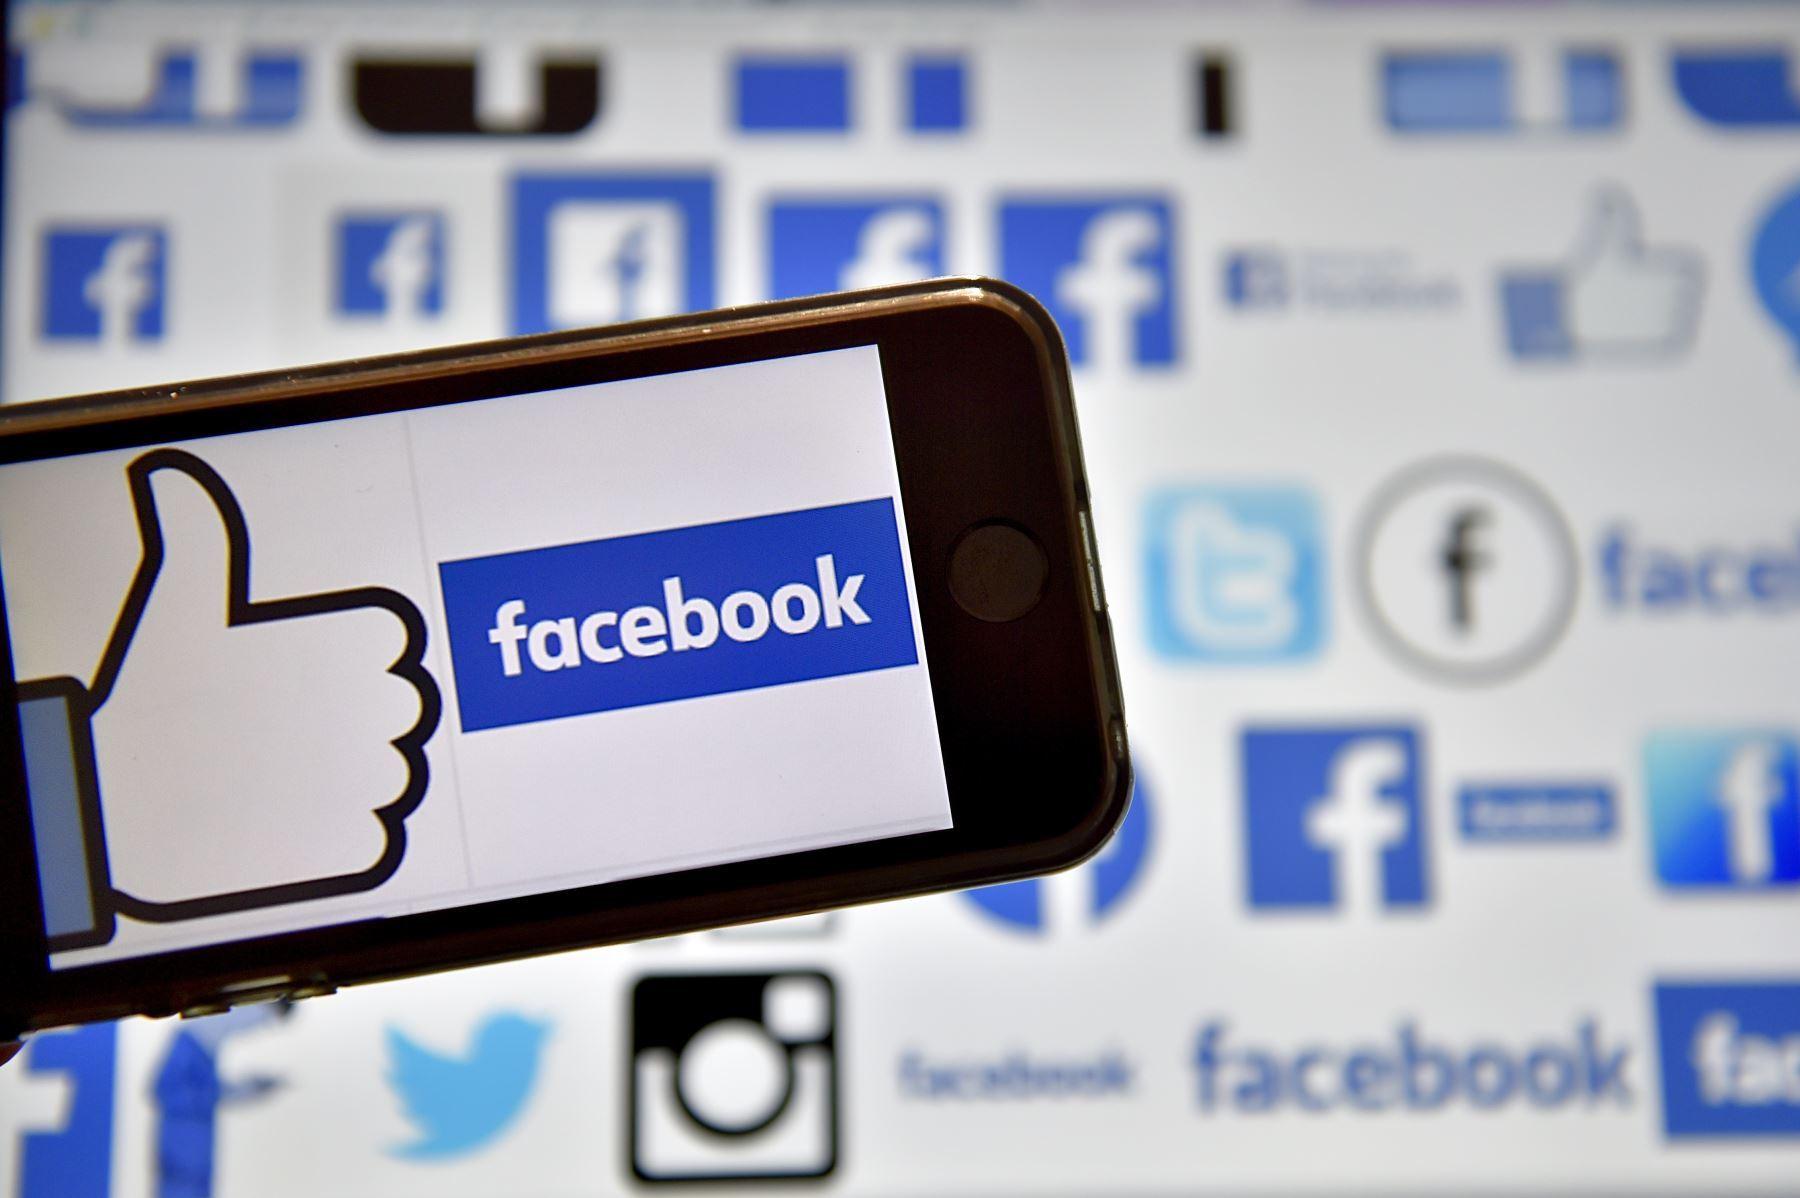 Los ejecutivos de Facebook han ordenado a los empleados que creen un producto similar a Clubhouse, informa NYT.